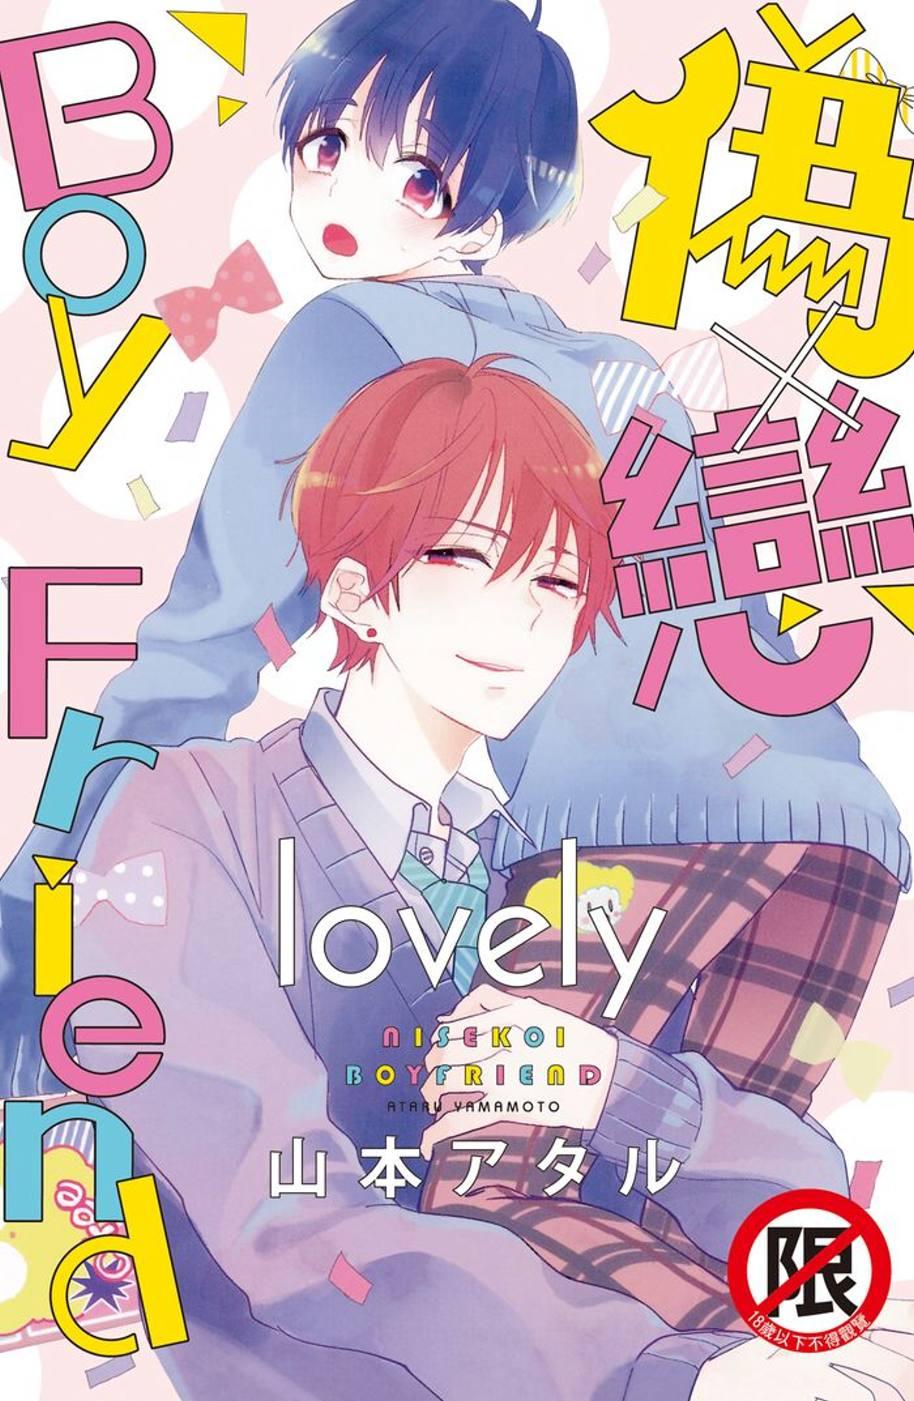 偽×戀 Boy Friend lovely 全